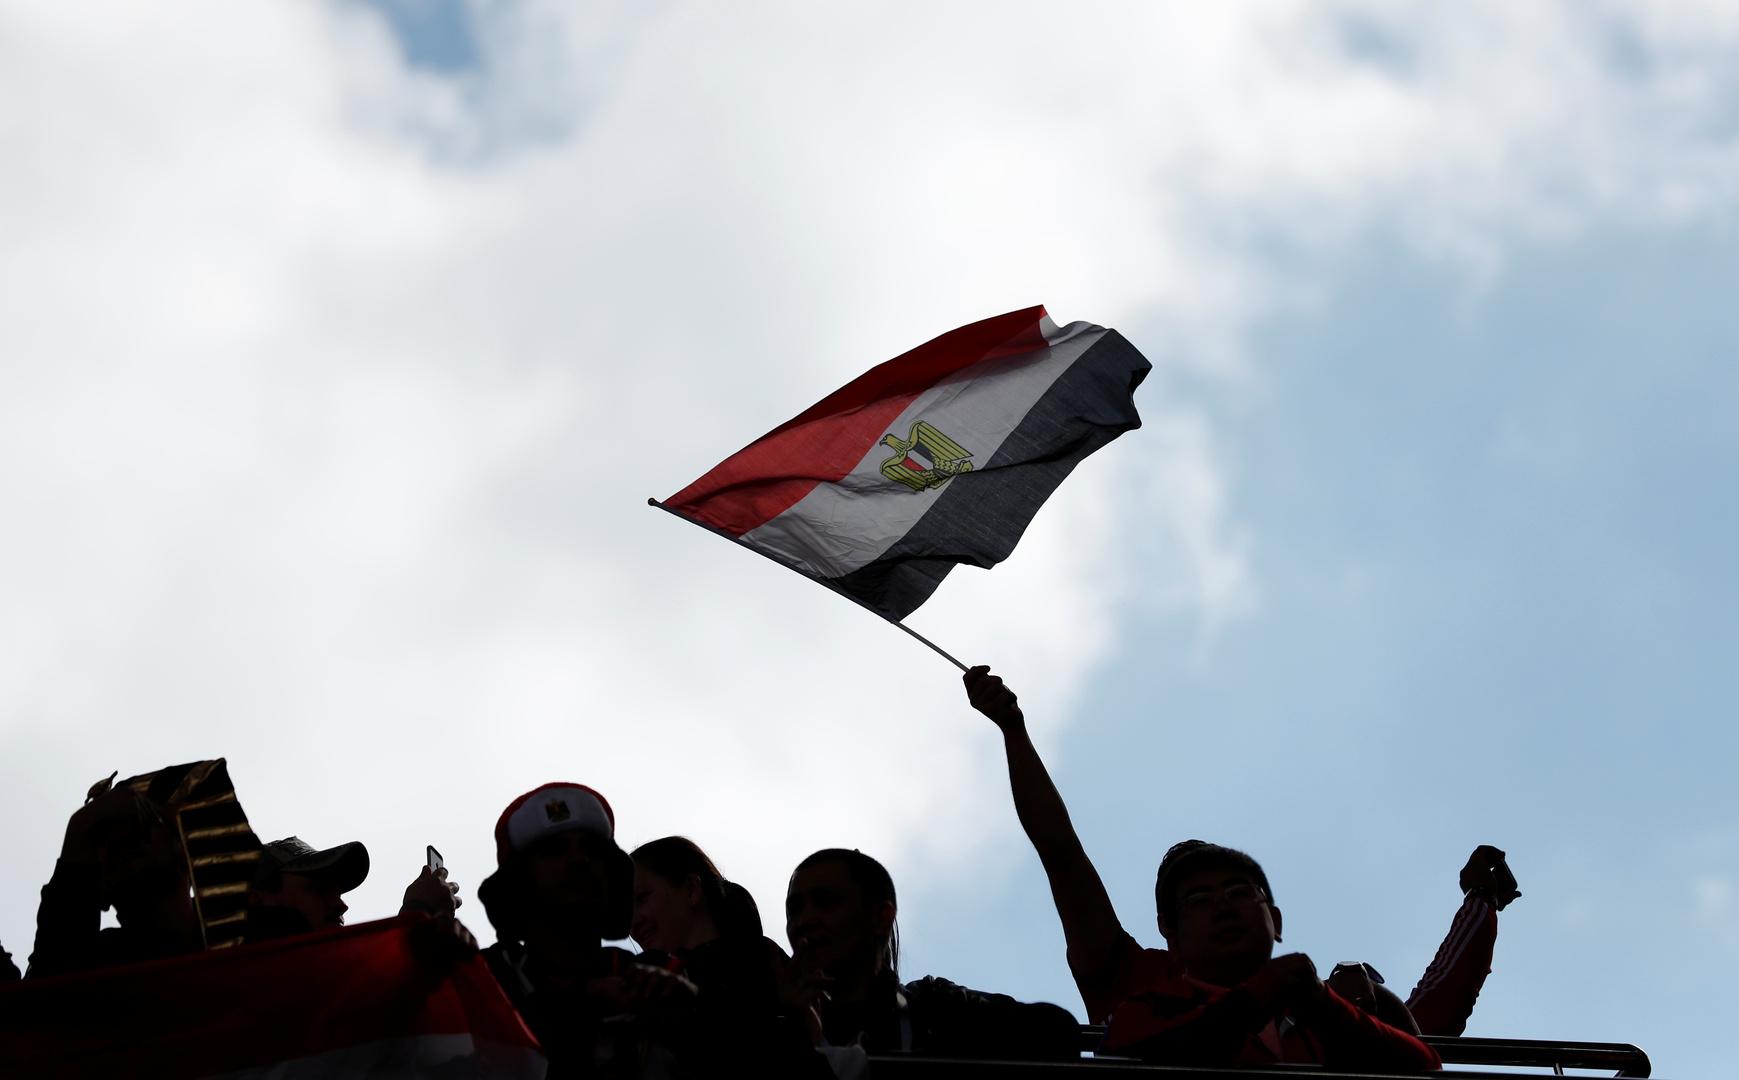 وفاة كاتب مصري شاب بشكل مفاجئ بعد 18 ساعة من تنبؤه بموته